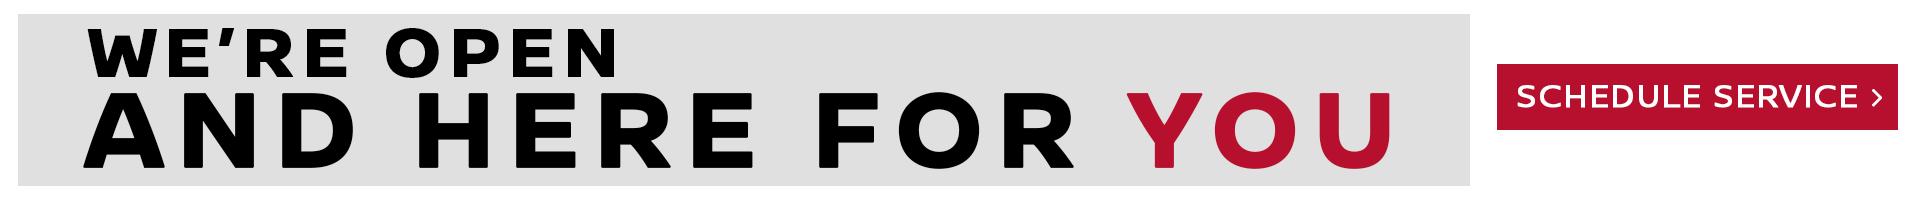 HereForYou-Slide1_71020